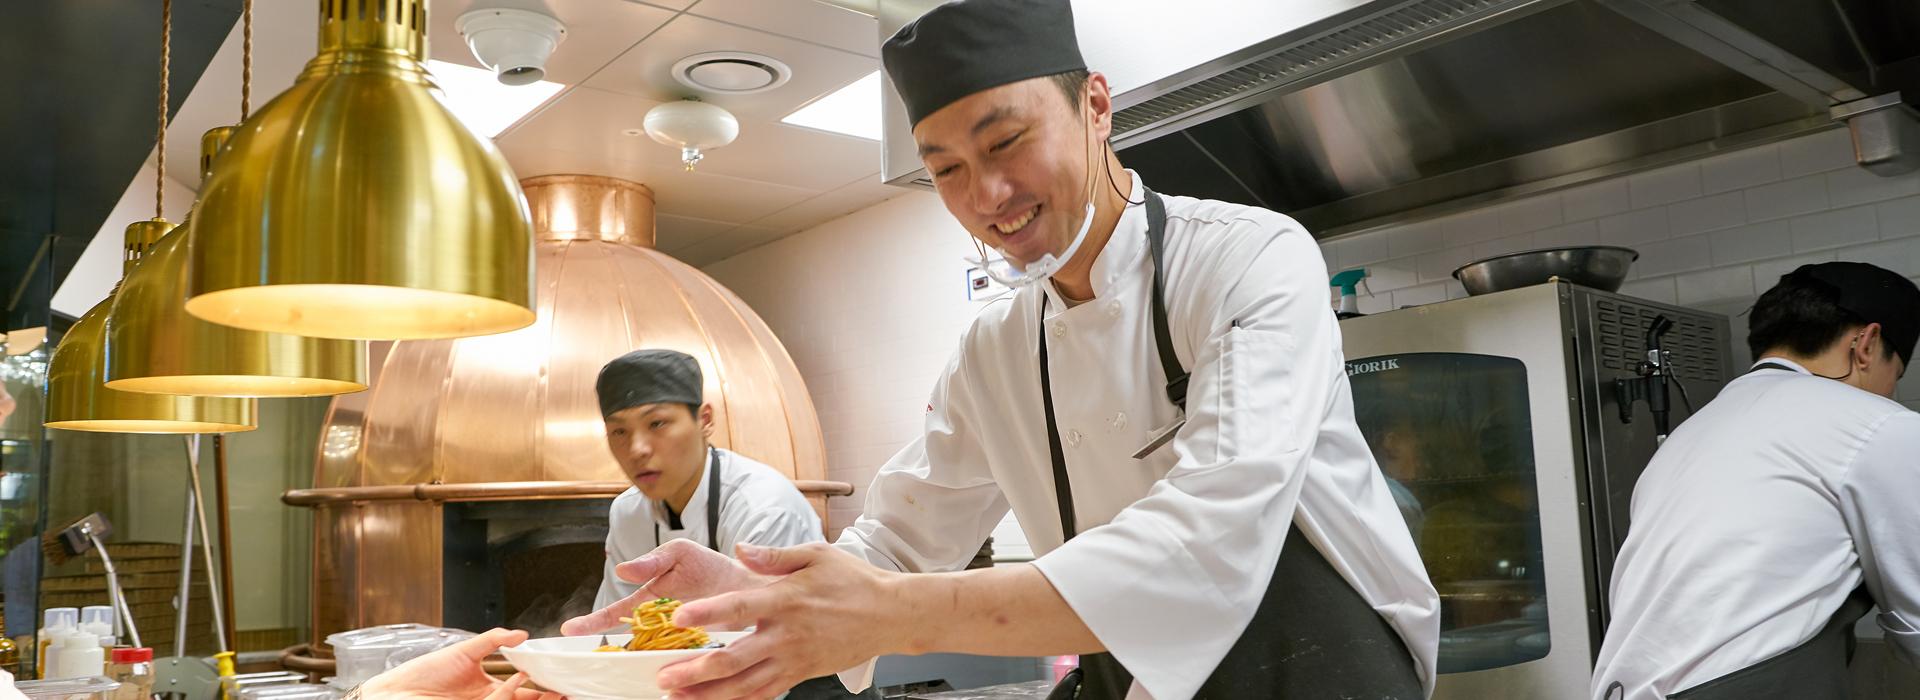 事業成功卻說「丟都來不及」,亞洲連鎖餐廳老闆給我的啟示...